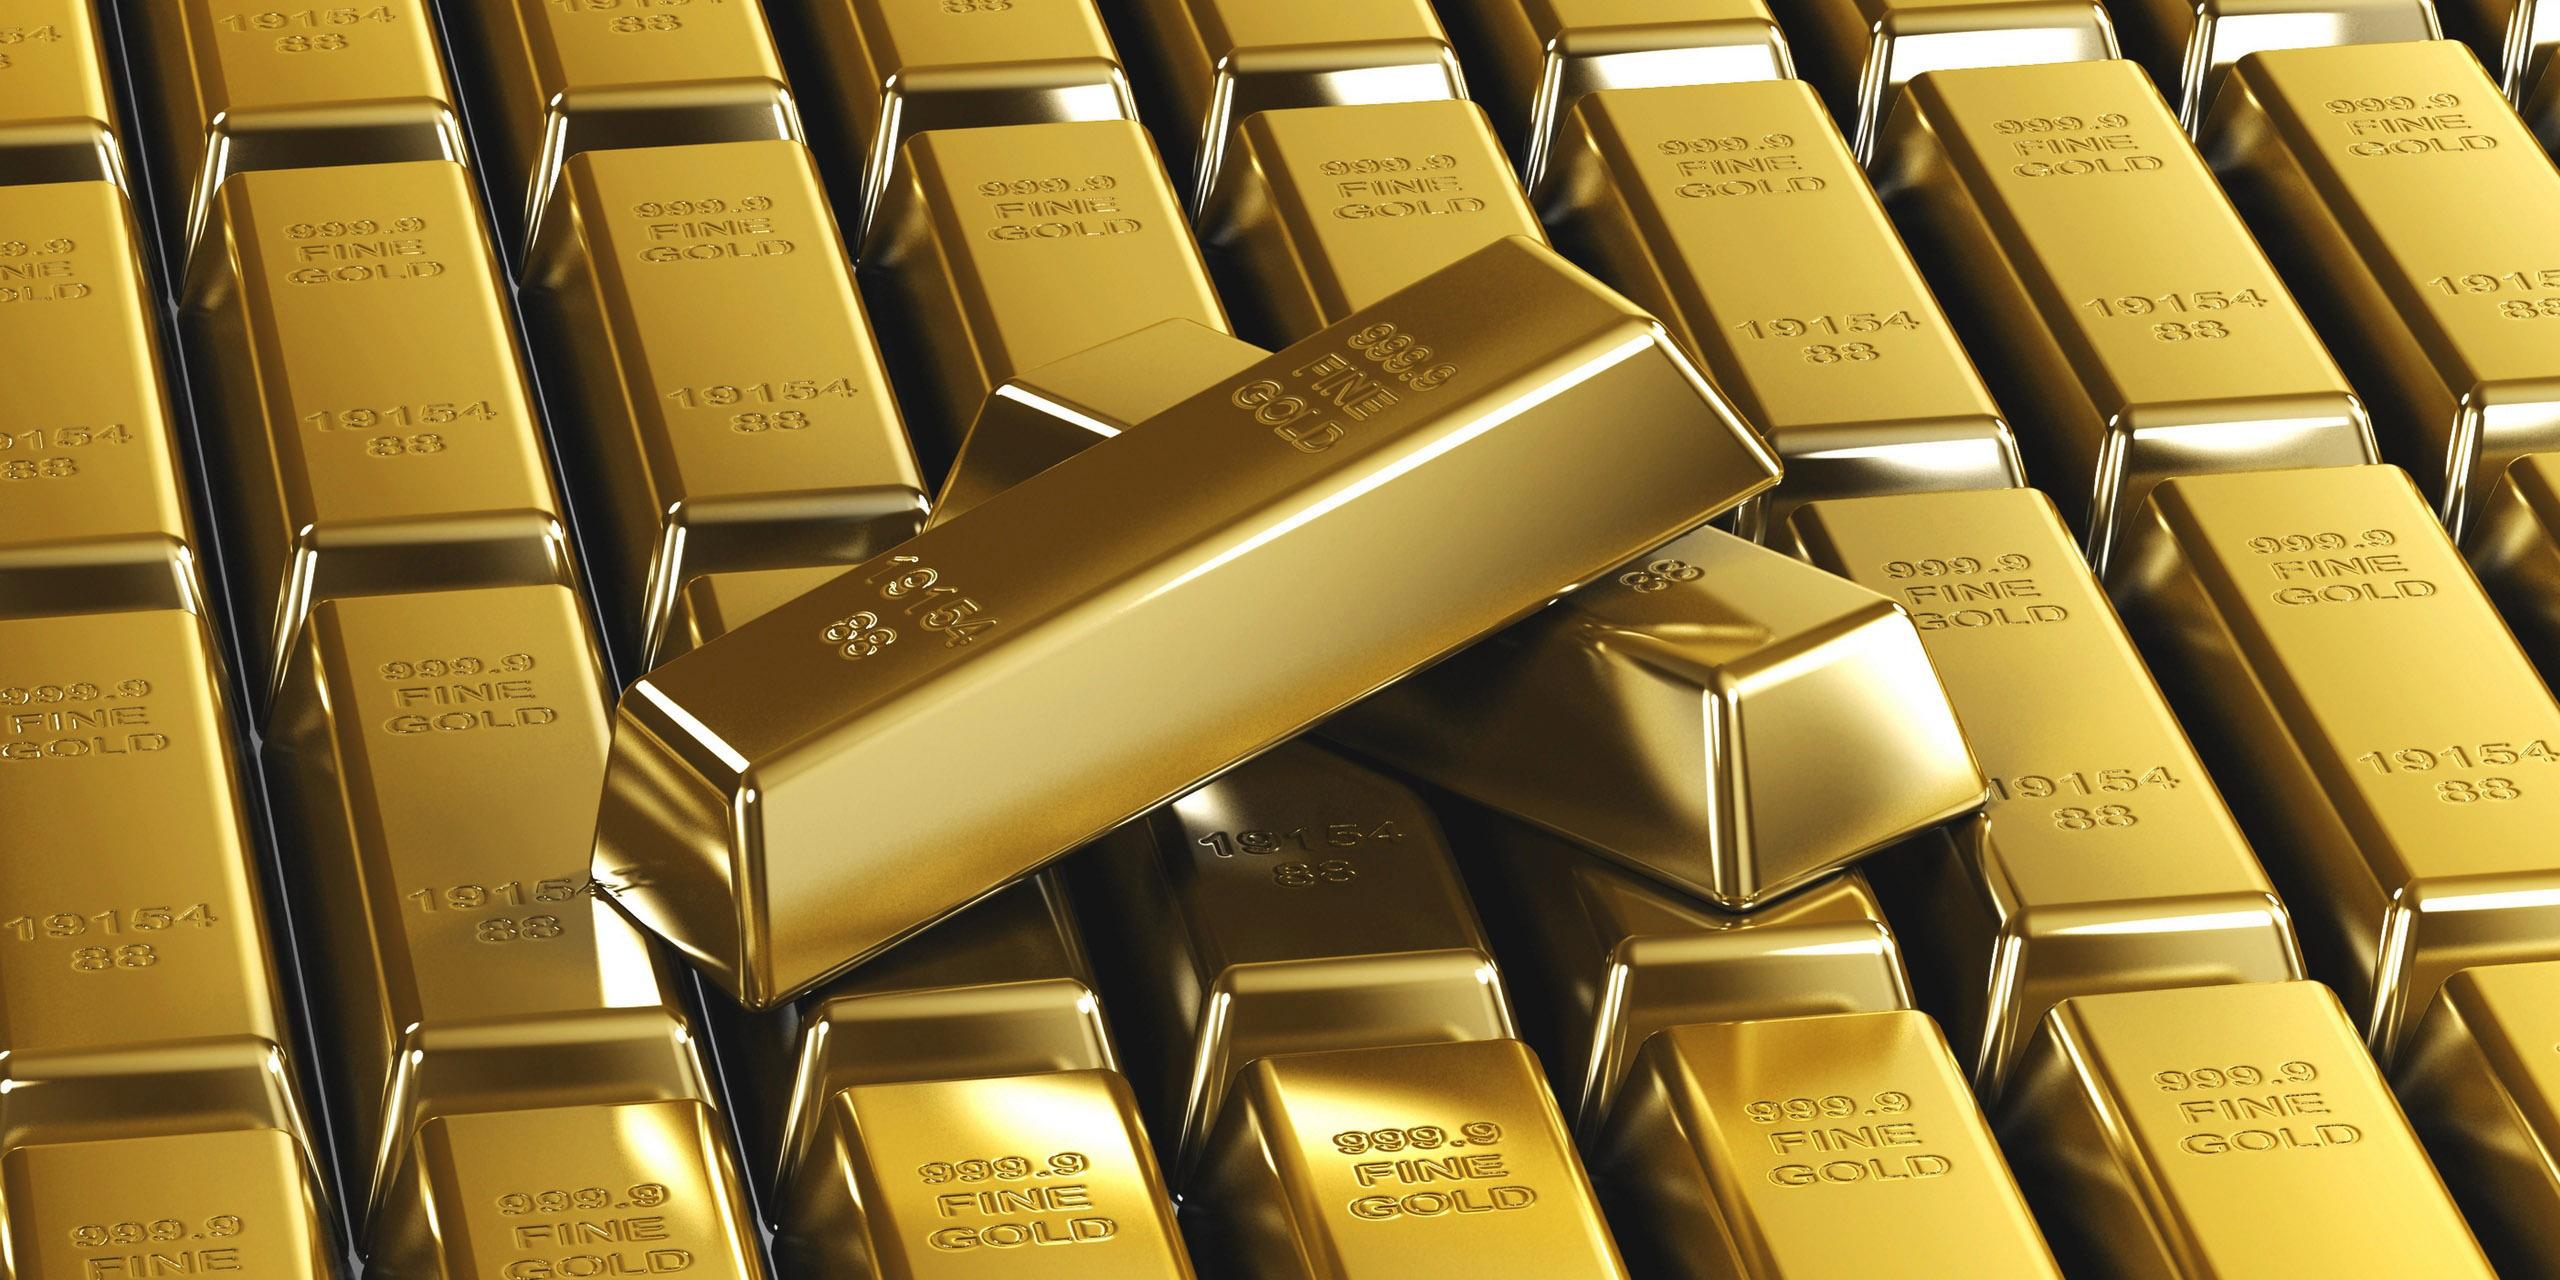 کاهش قیمت طلا به کمترین میزان دو ماه گذشته/ بازار در انتظار انتشار آمارهای شغلی آمریکا